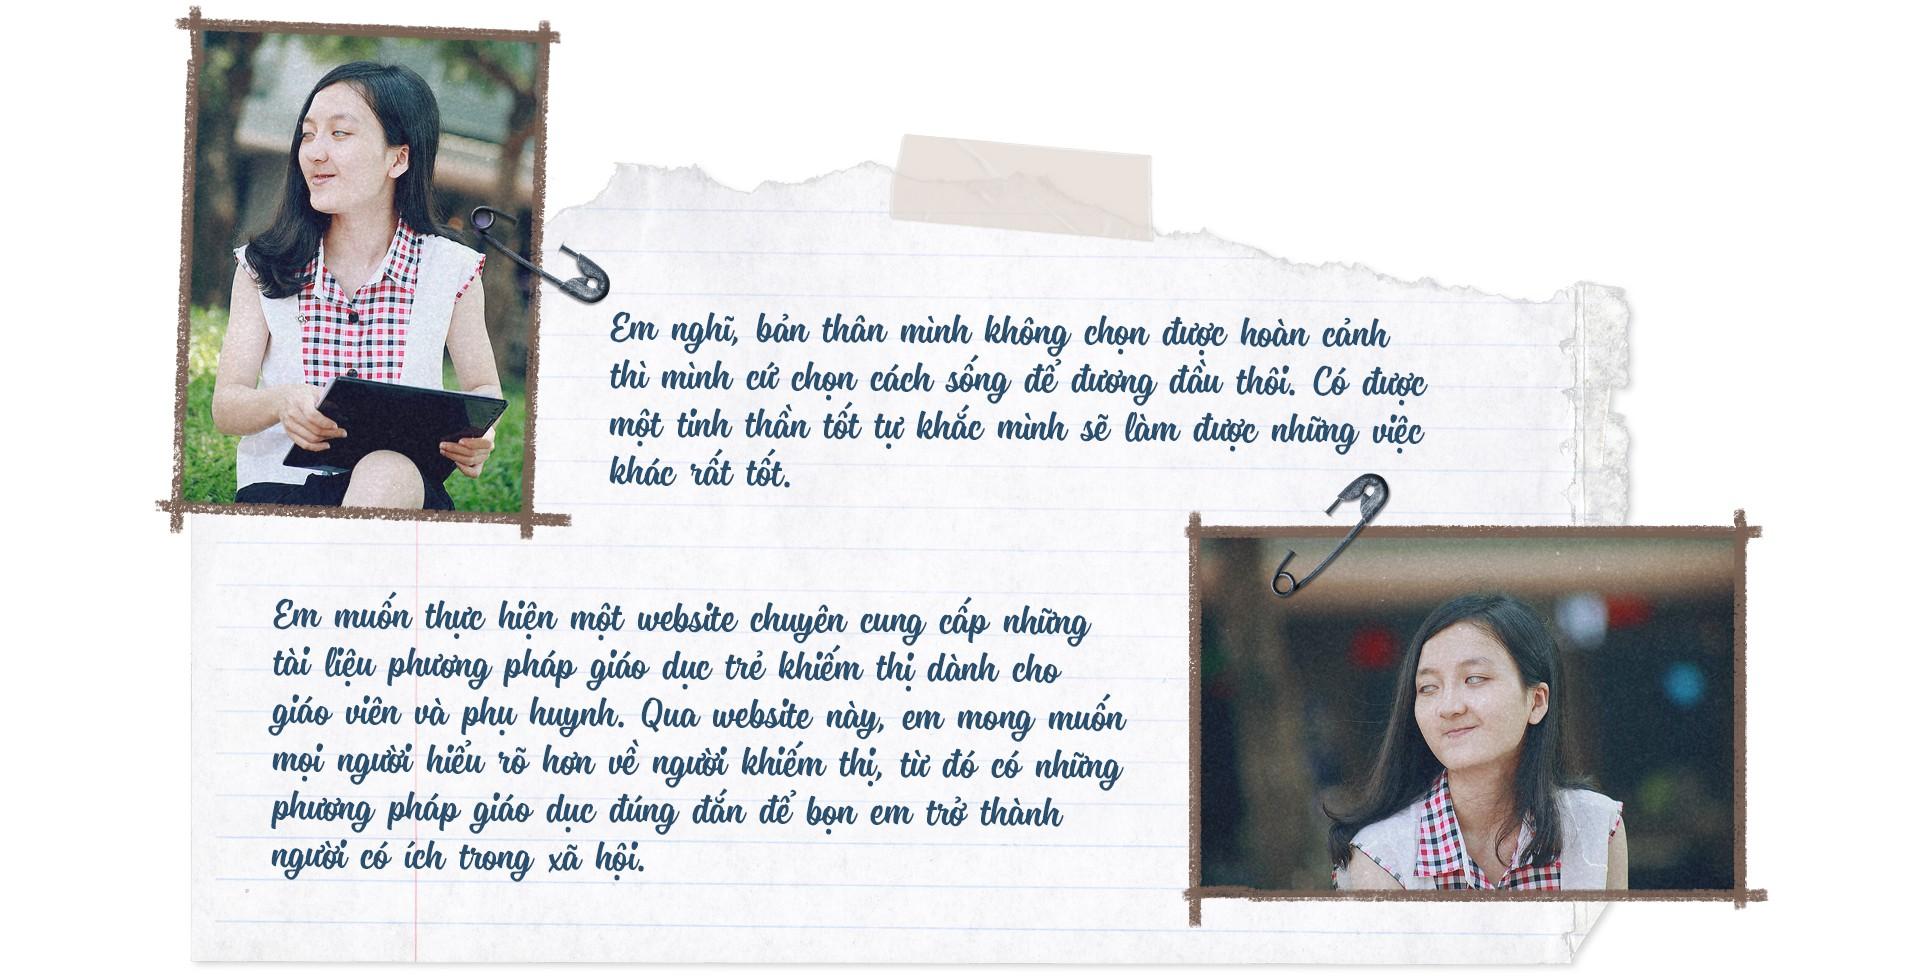 Nữ sinh khiếm thị giành học bổng 1 tỉ đồng - Ảnh 10.